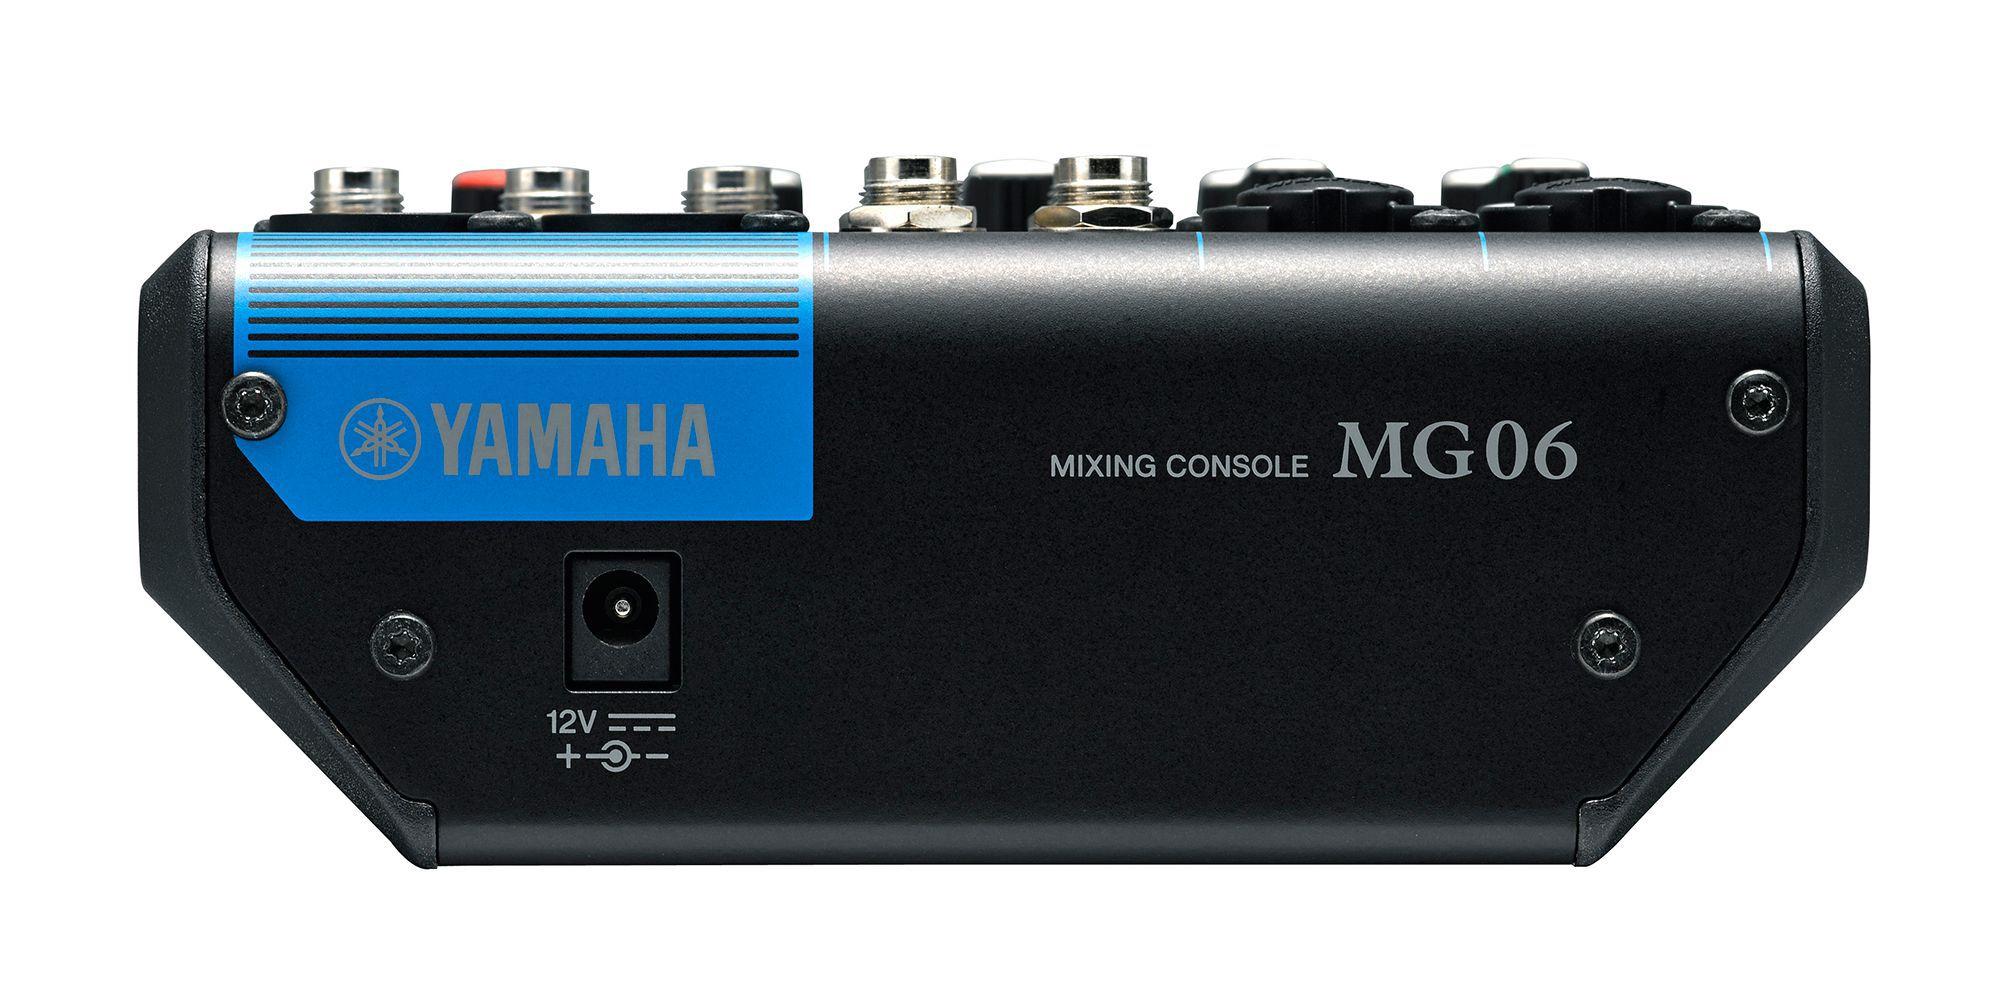 Mesa de som com 6 entradas e 1 saida Yamaha MG06